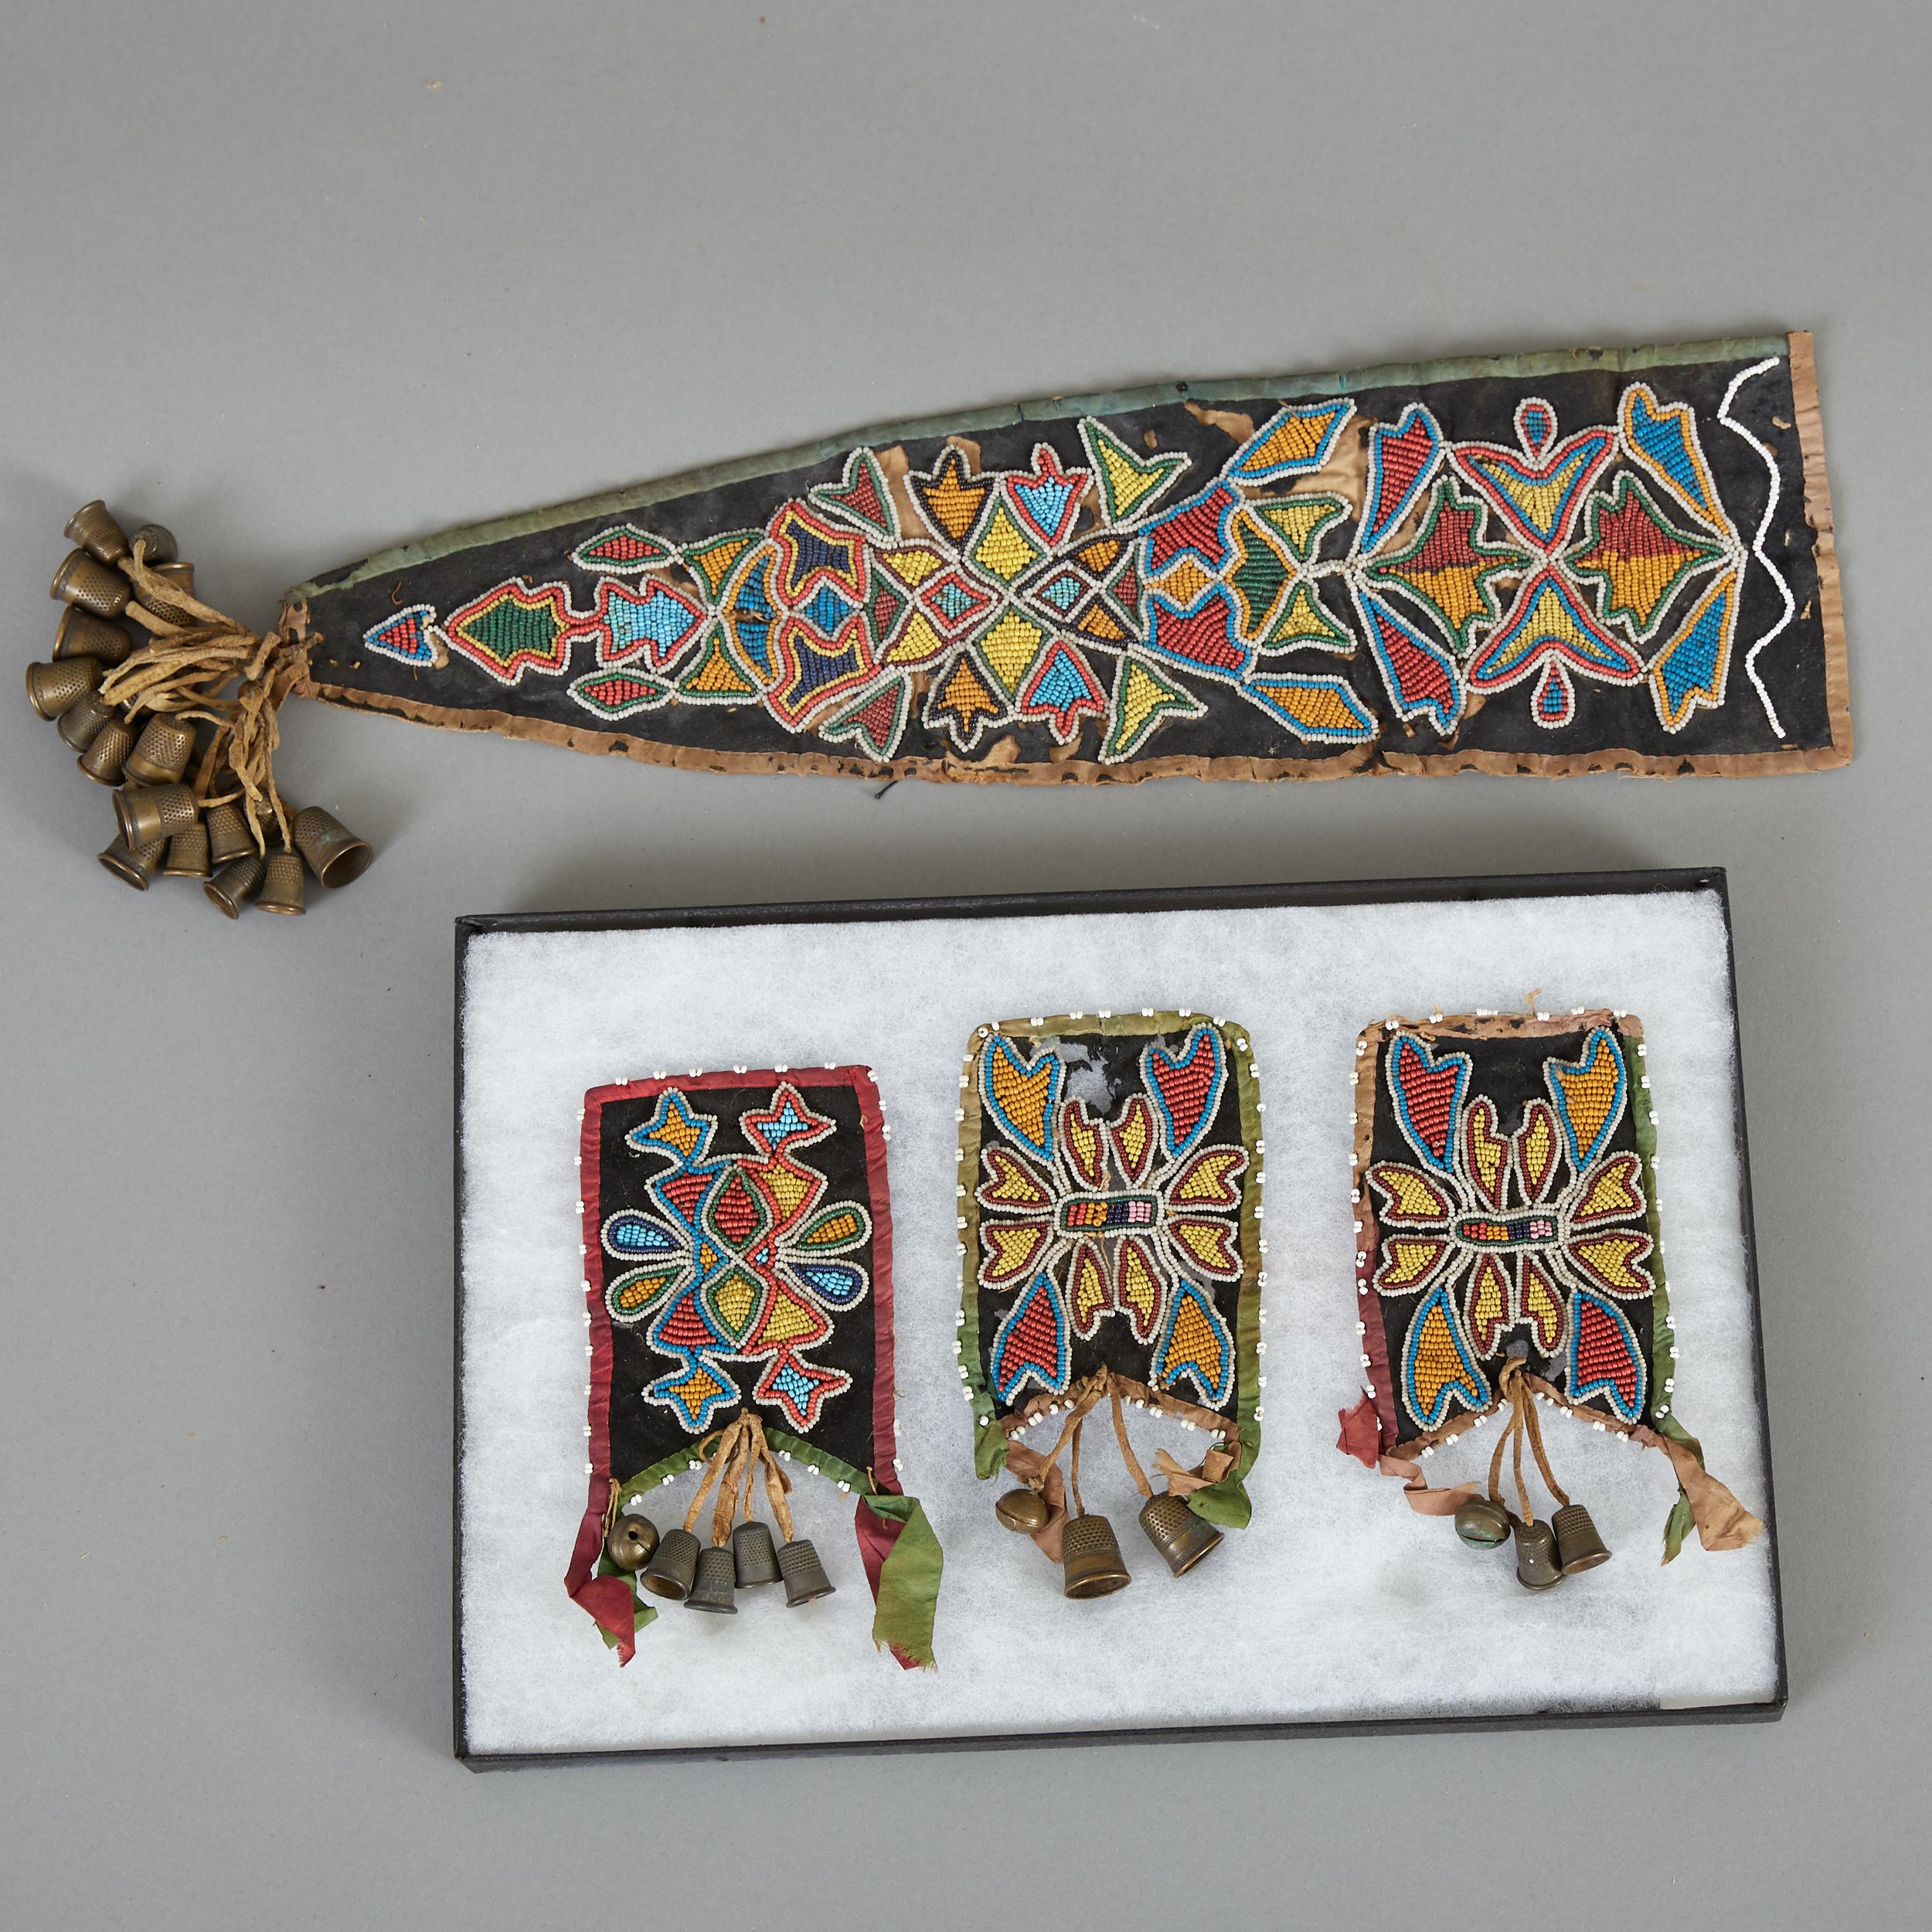 Lot 238 - Ojibwe or Potawatomi Otter Pelt Medicine Bag Remnants